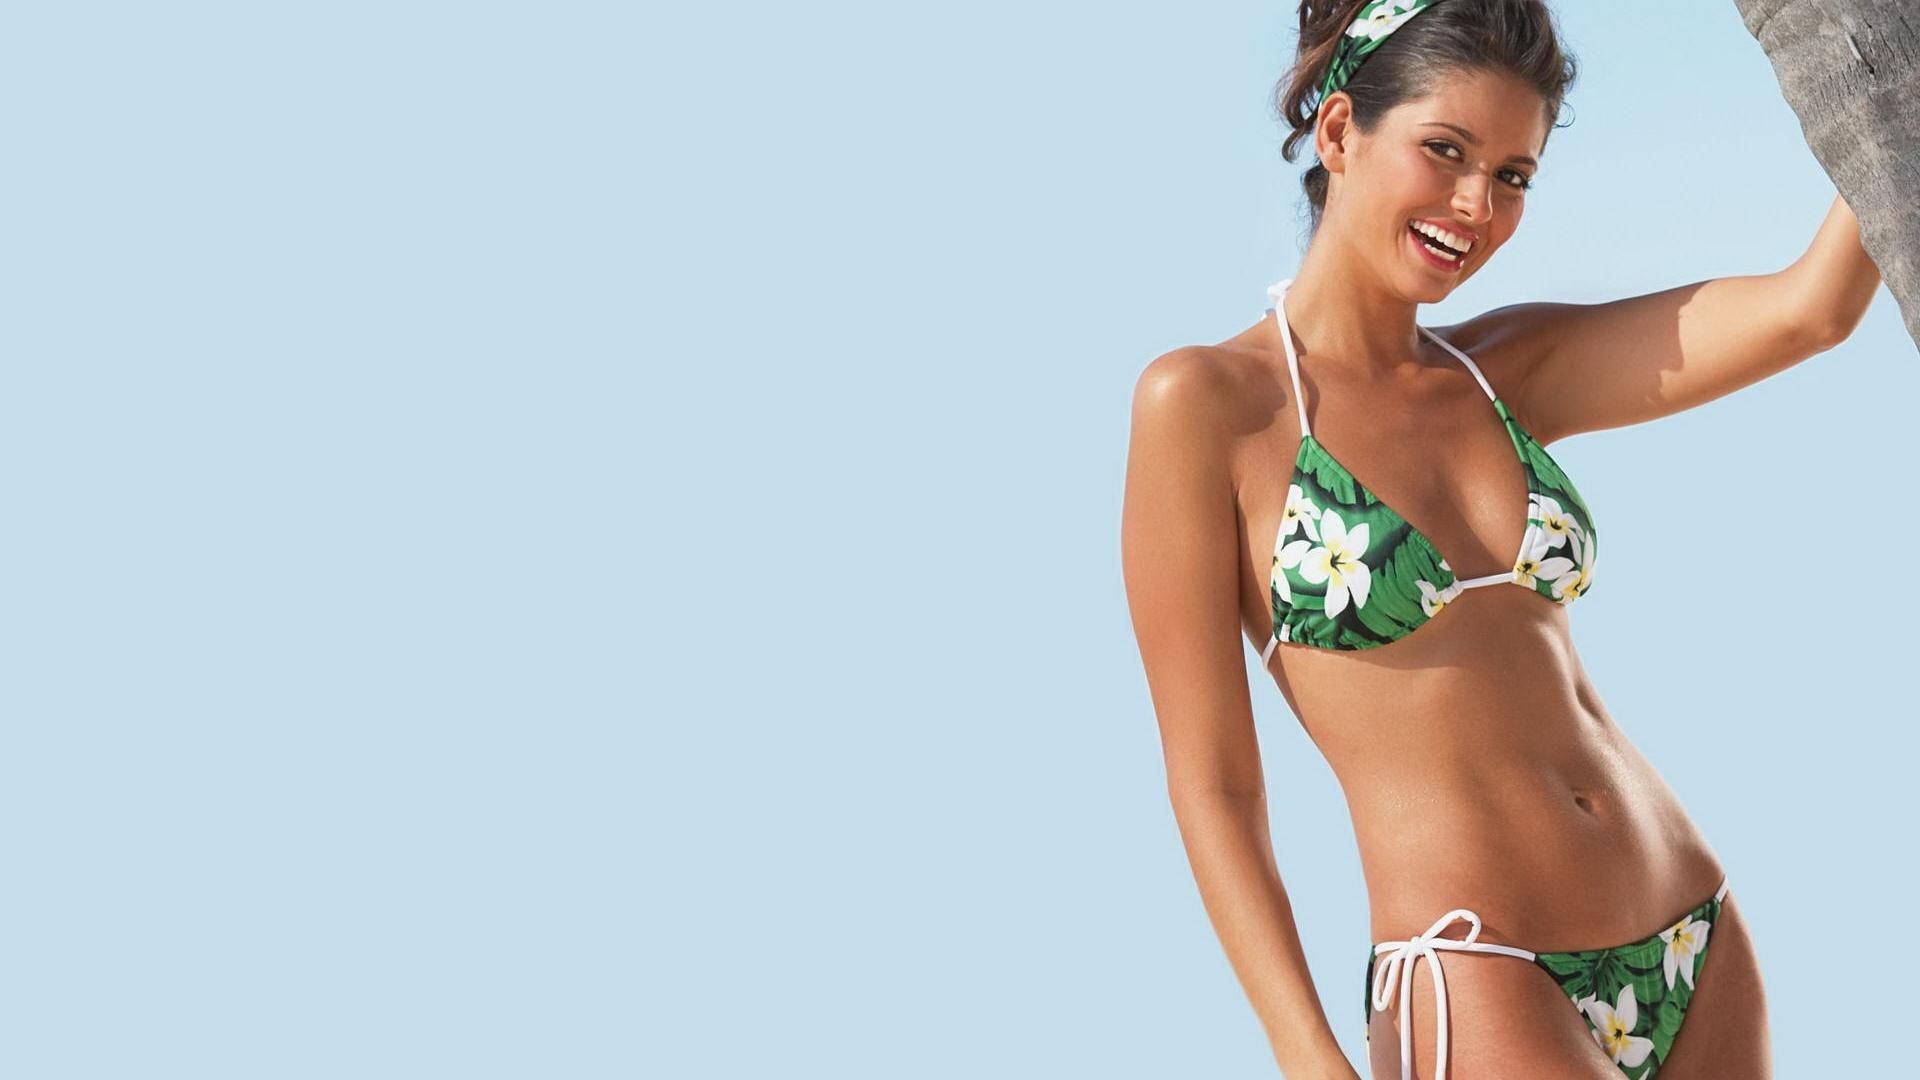 bikini woman desktop wallpaper 63459